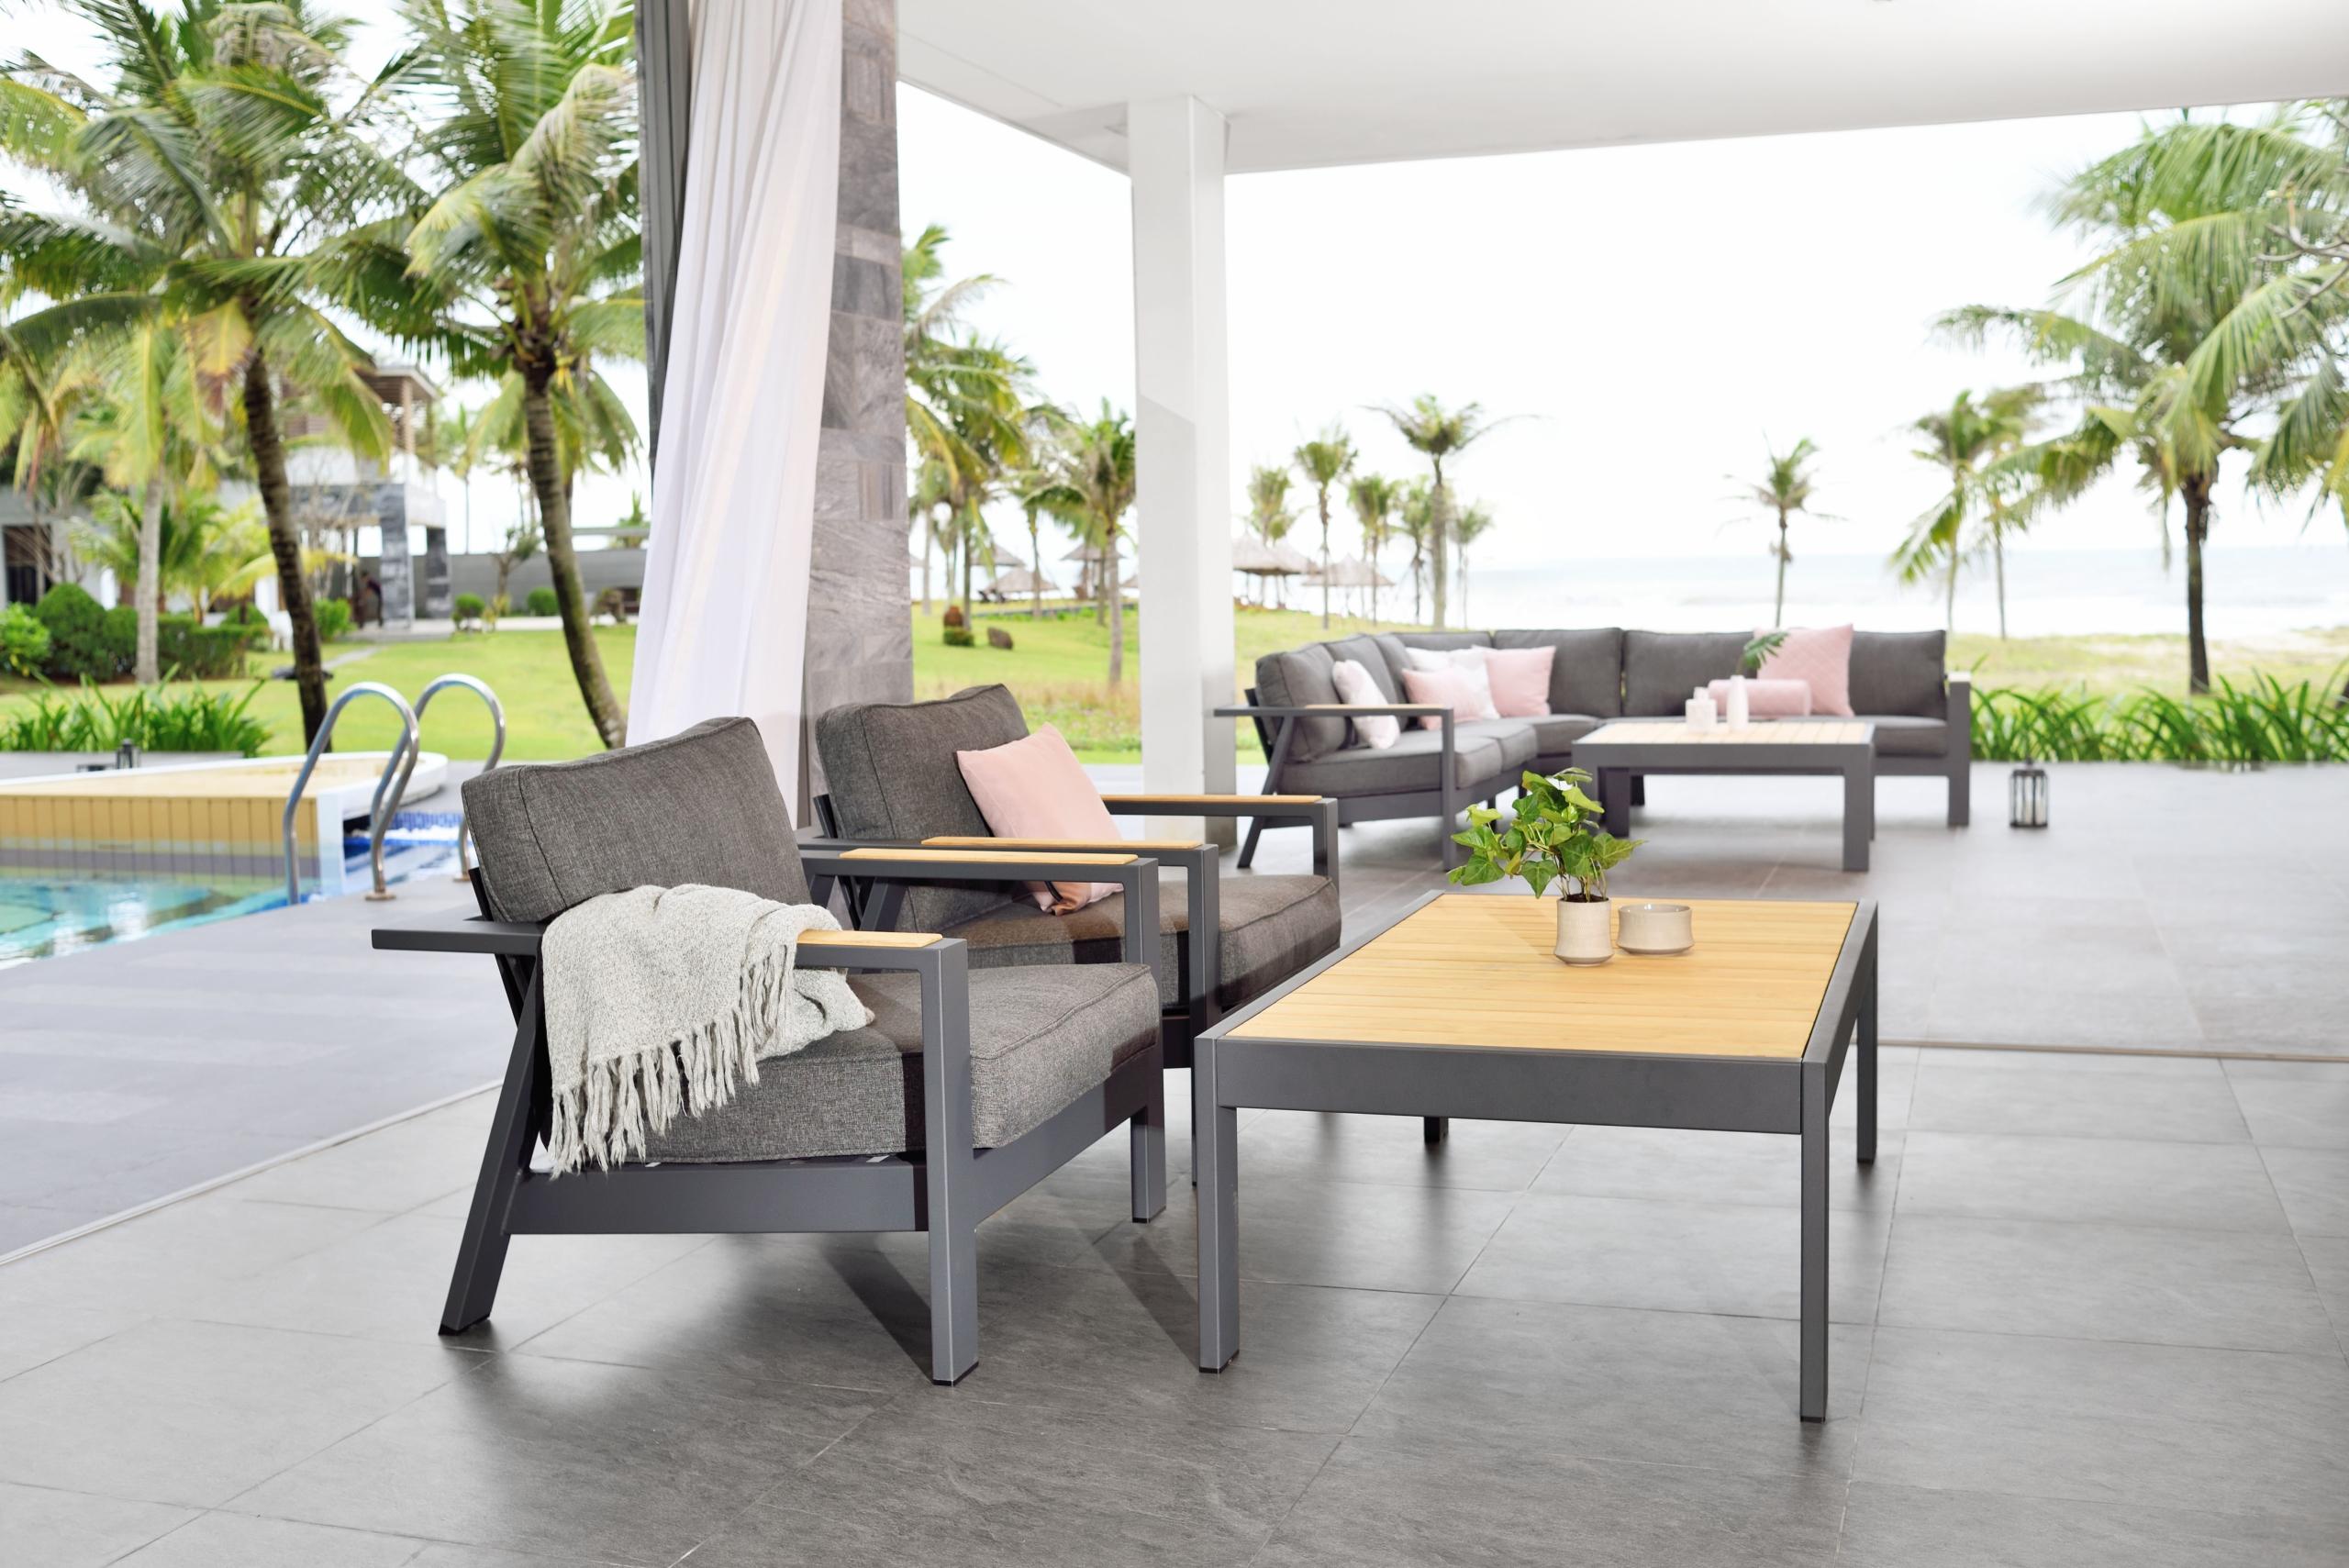 Muebles de exterior para terraza: tendencias 2021